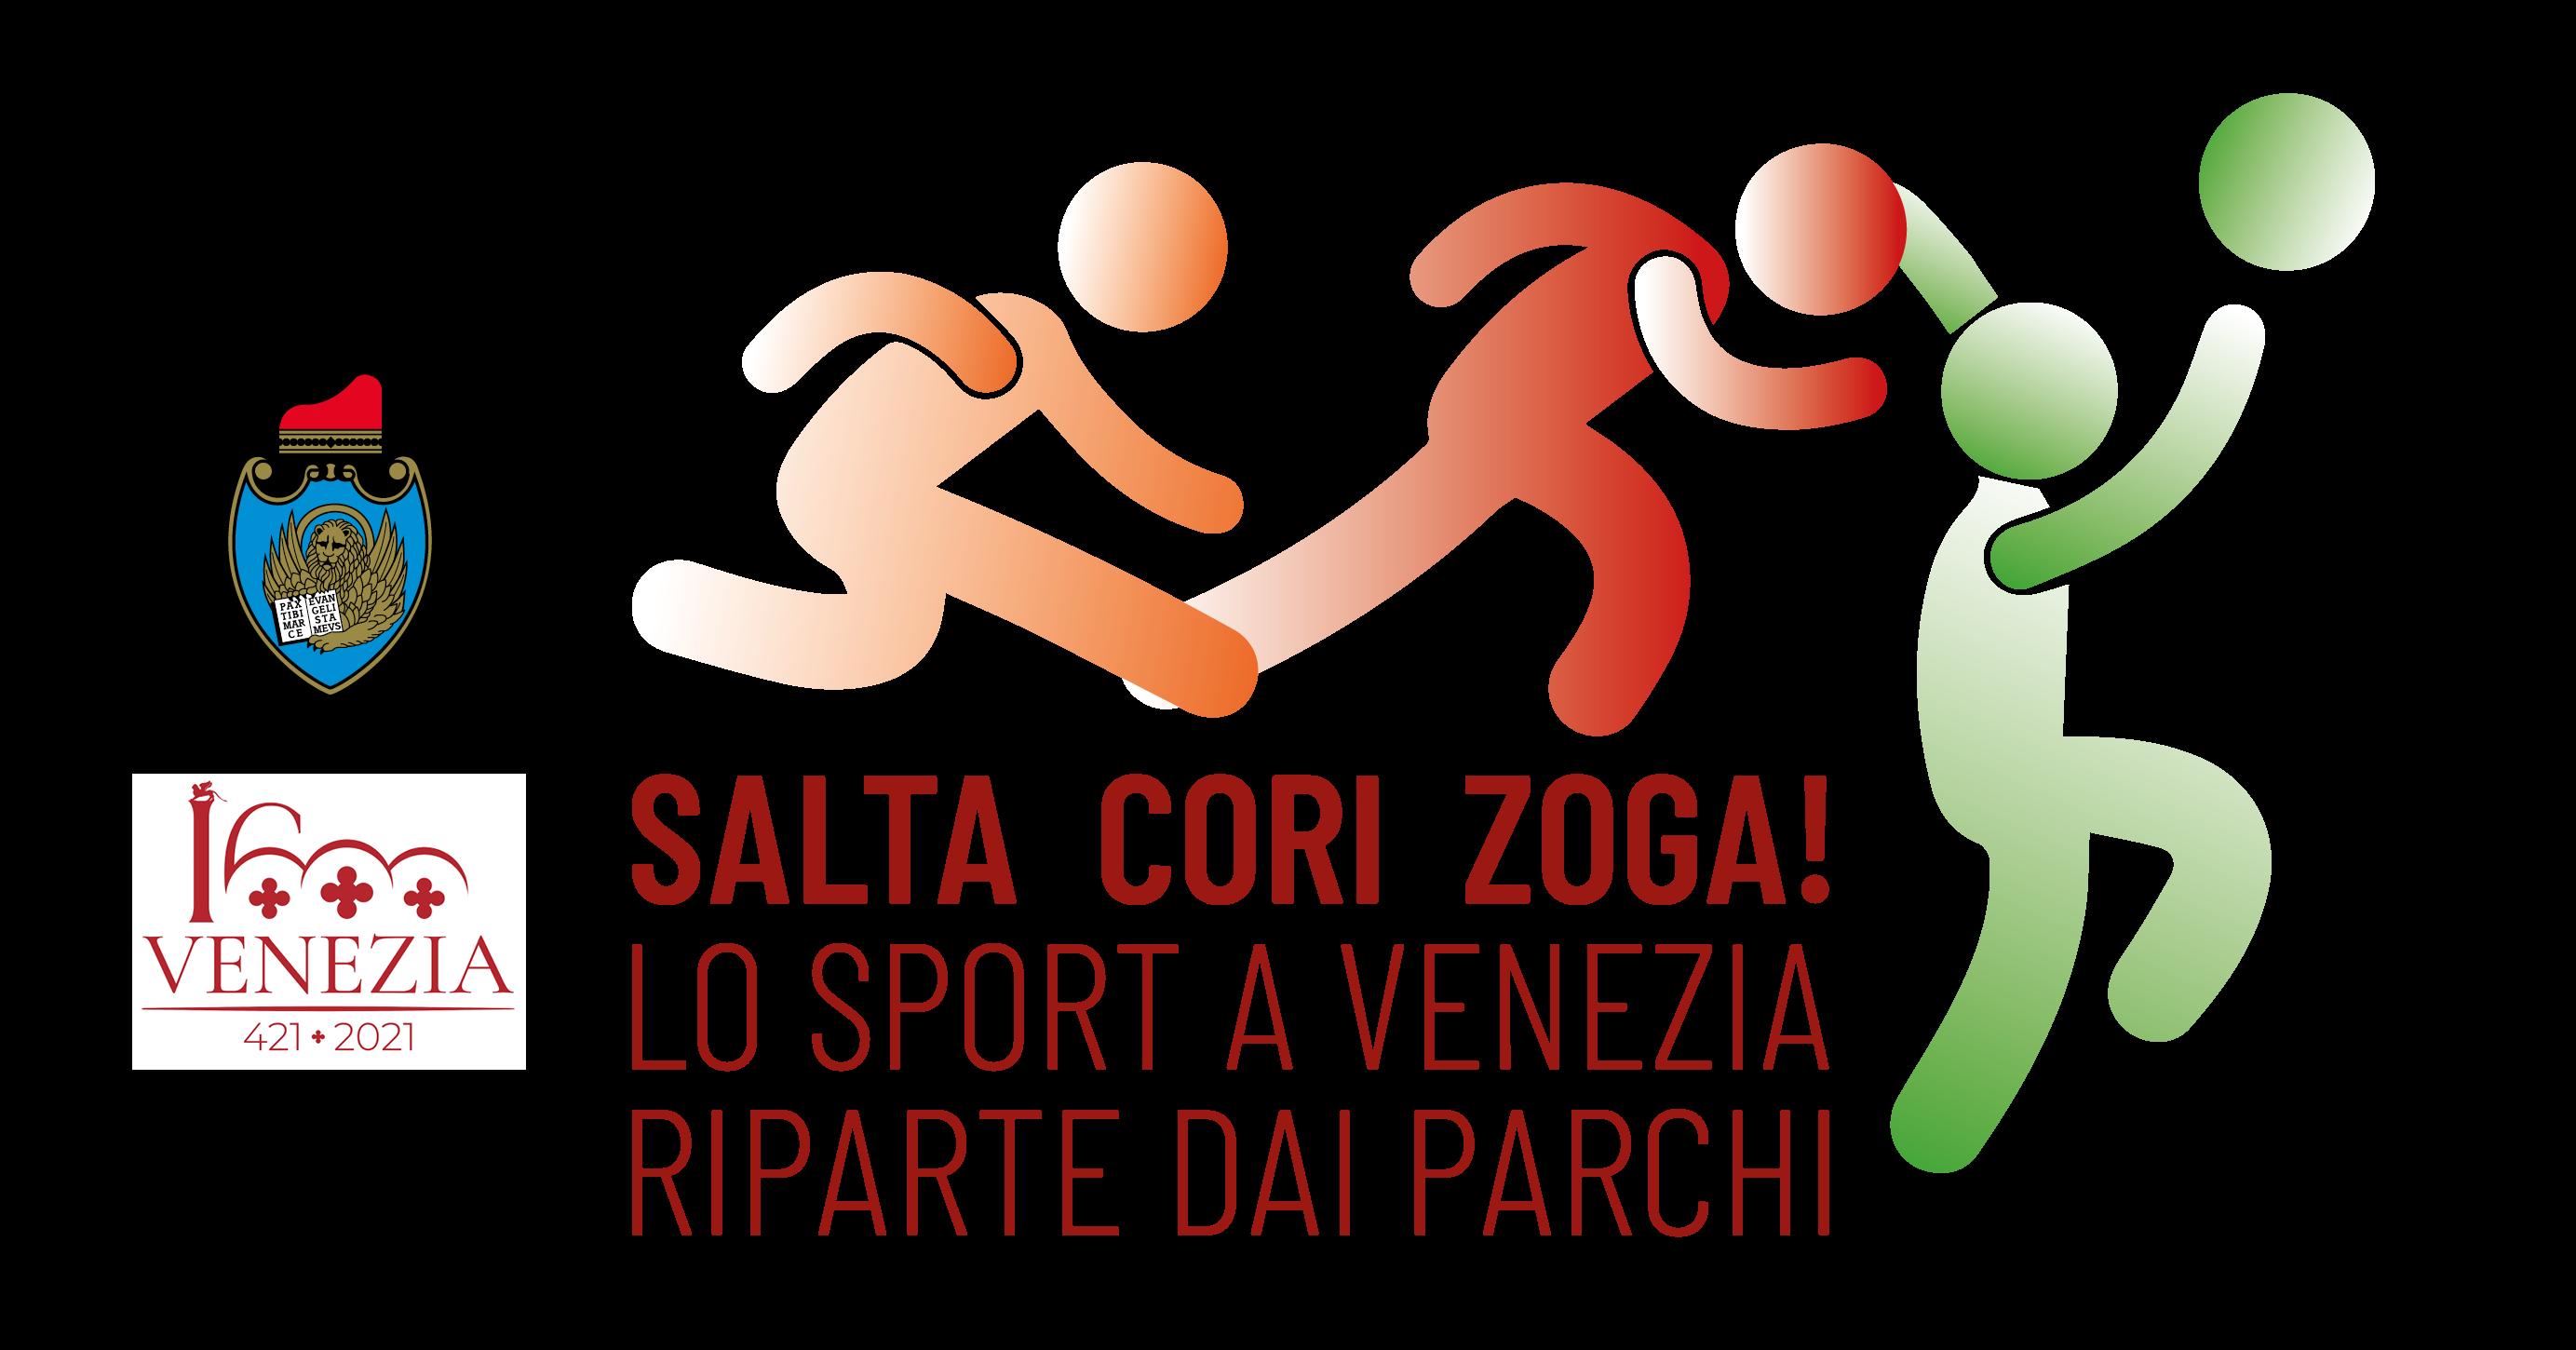 Salta, cori, zoga! Lo sport a Venezia riparte dai parchi